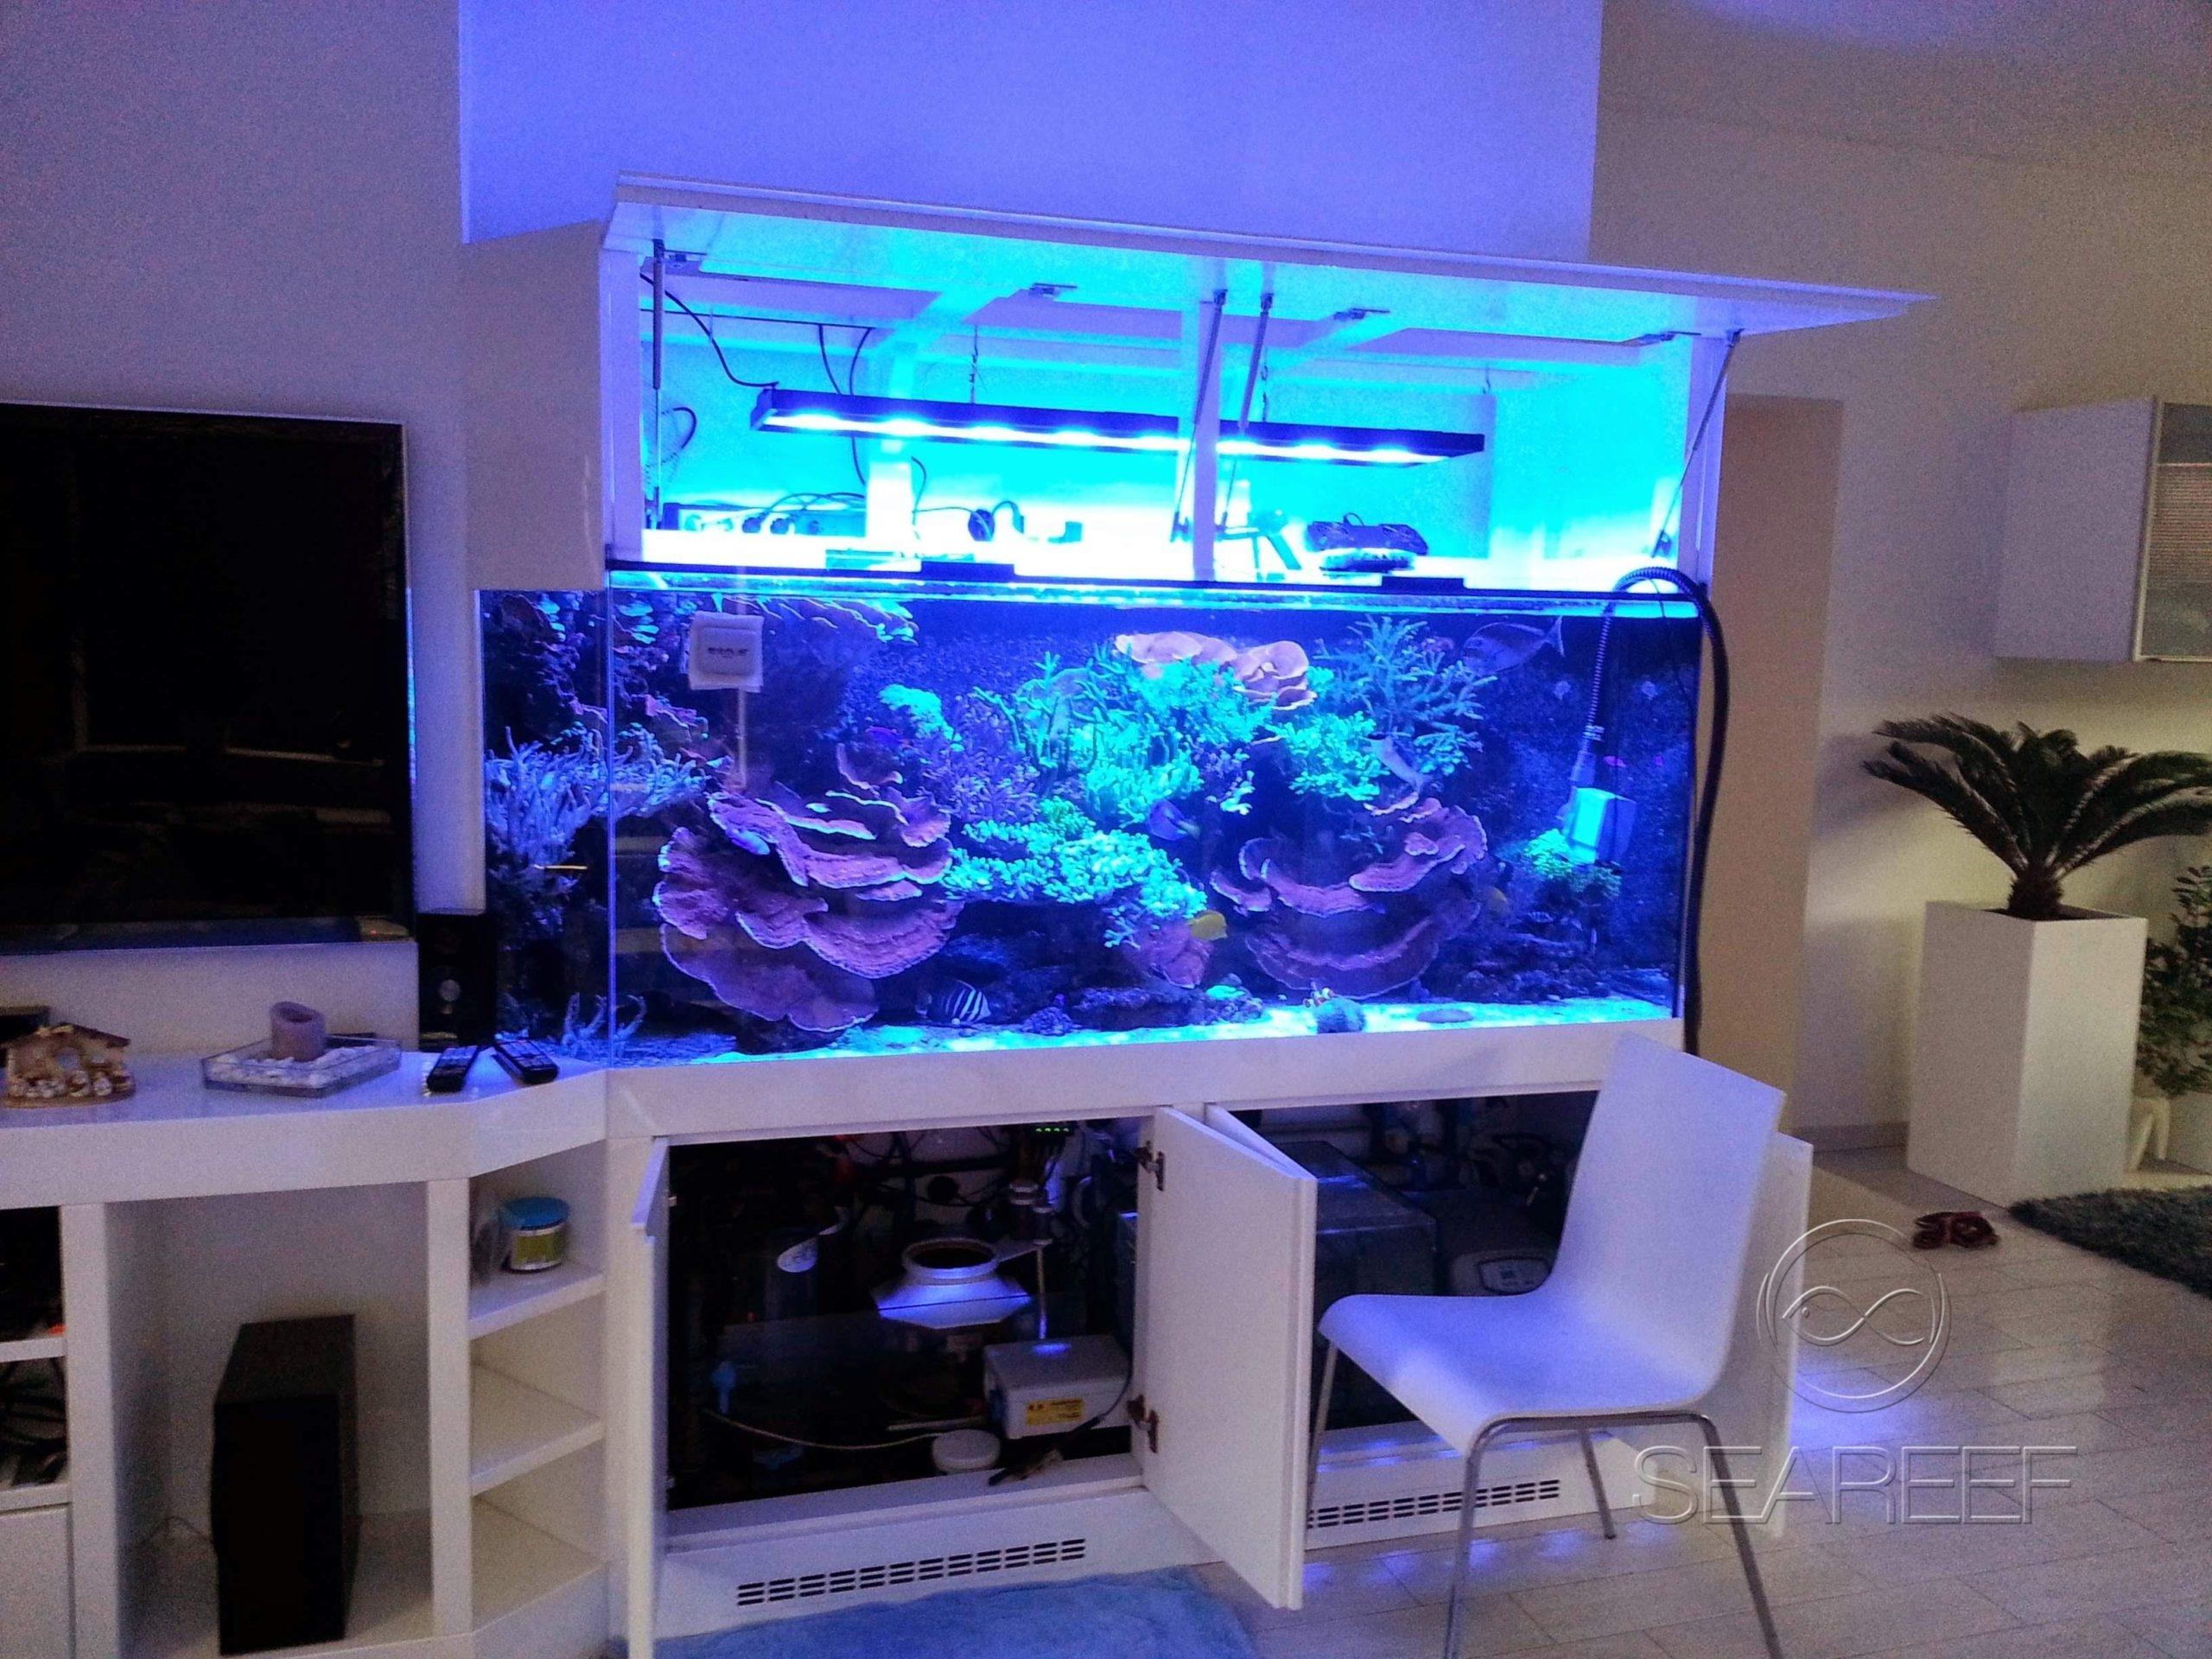 Mořské 1200 litrové akvárium jako elegantní doplněk obývacího pokoje.